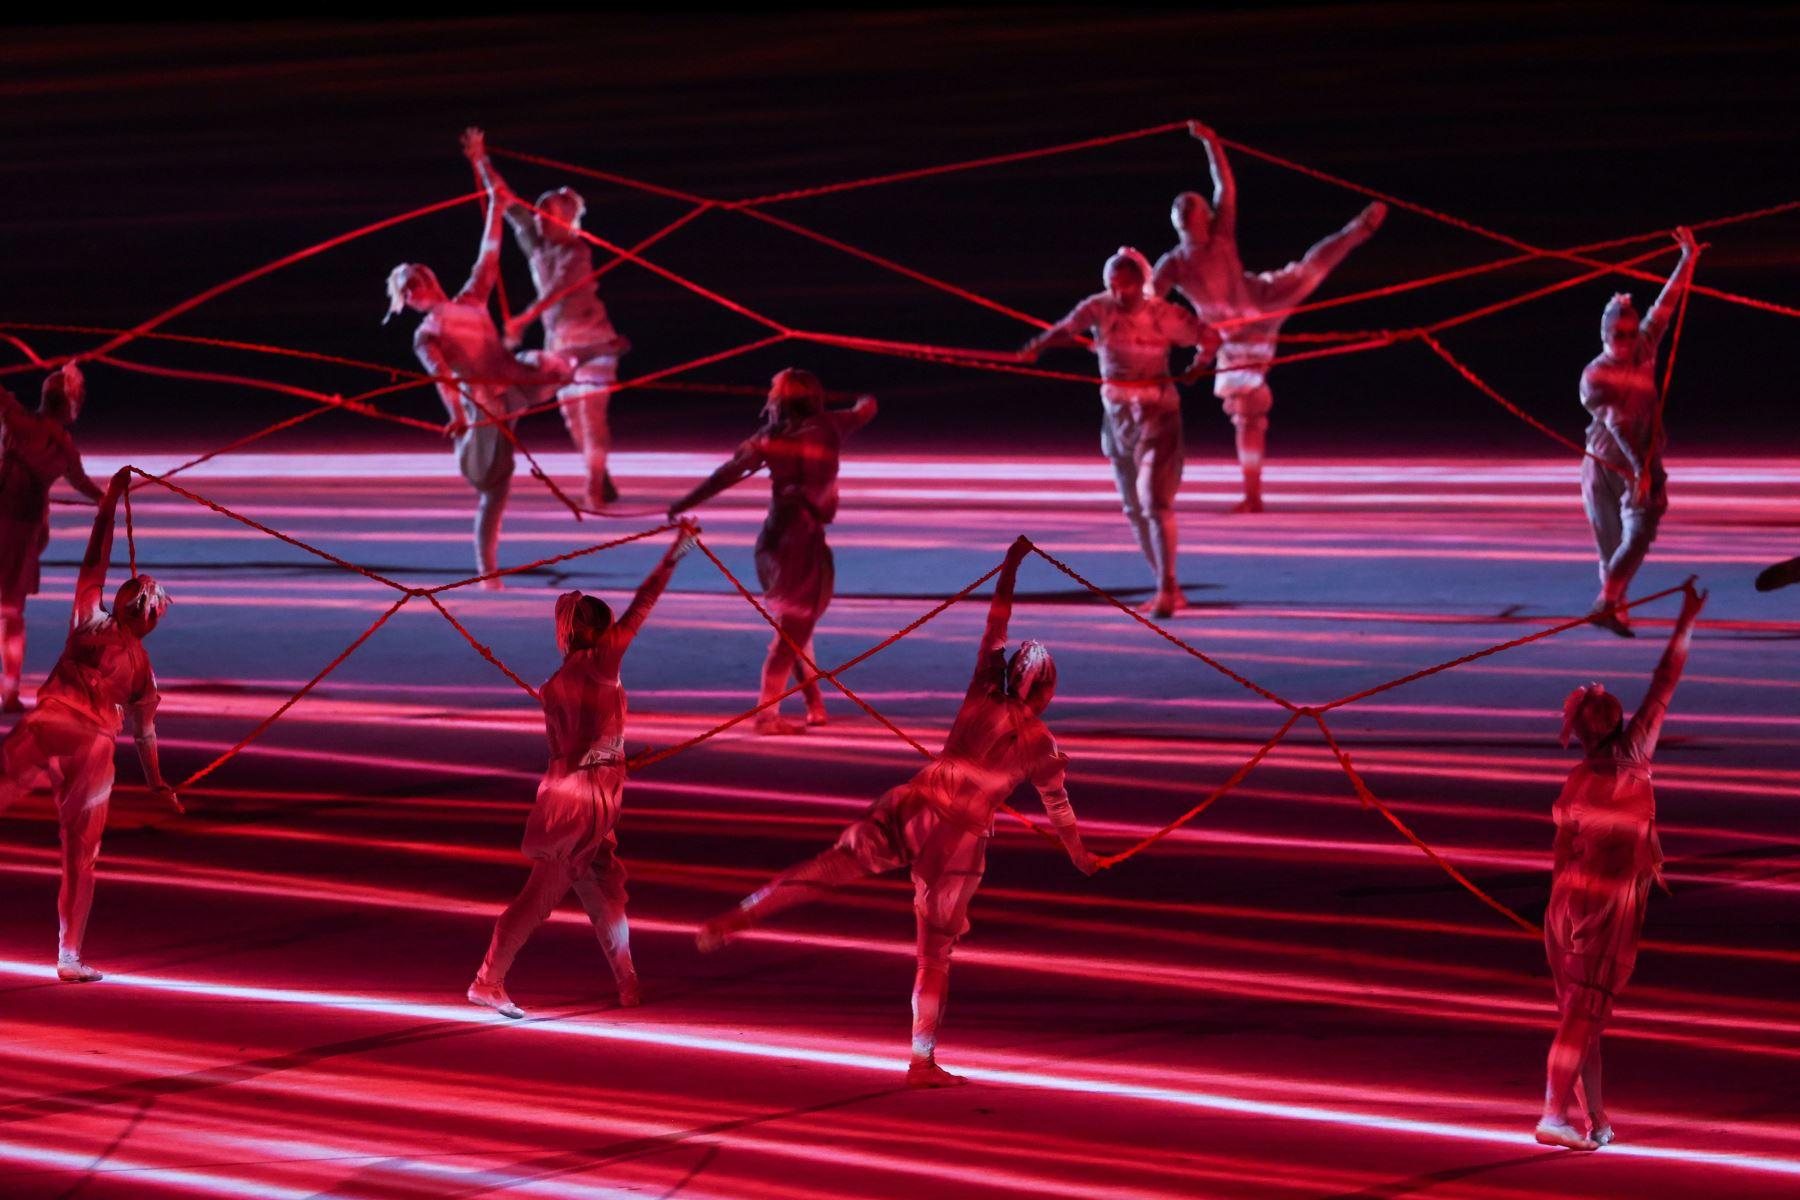 Los artistas ejecutantes bailan durante la Ceremonia de Apertura de los Juegos Olímpicos de Tokio 2020 en el Estadio Olímpico de Tokio, Japón. Foto: EFE